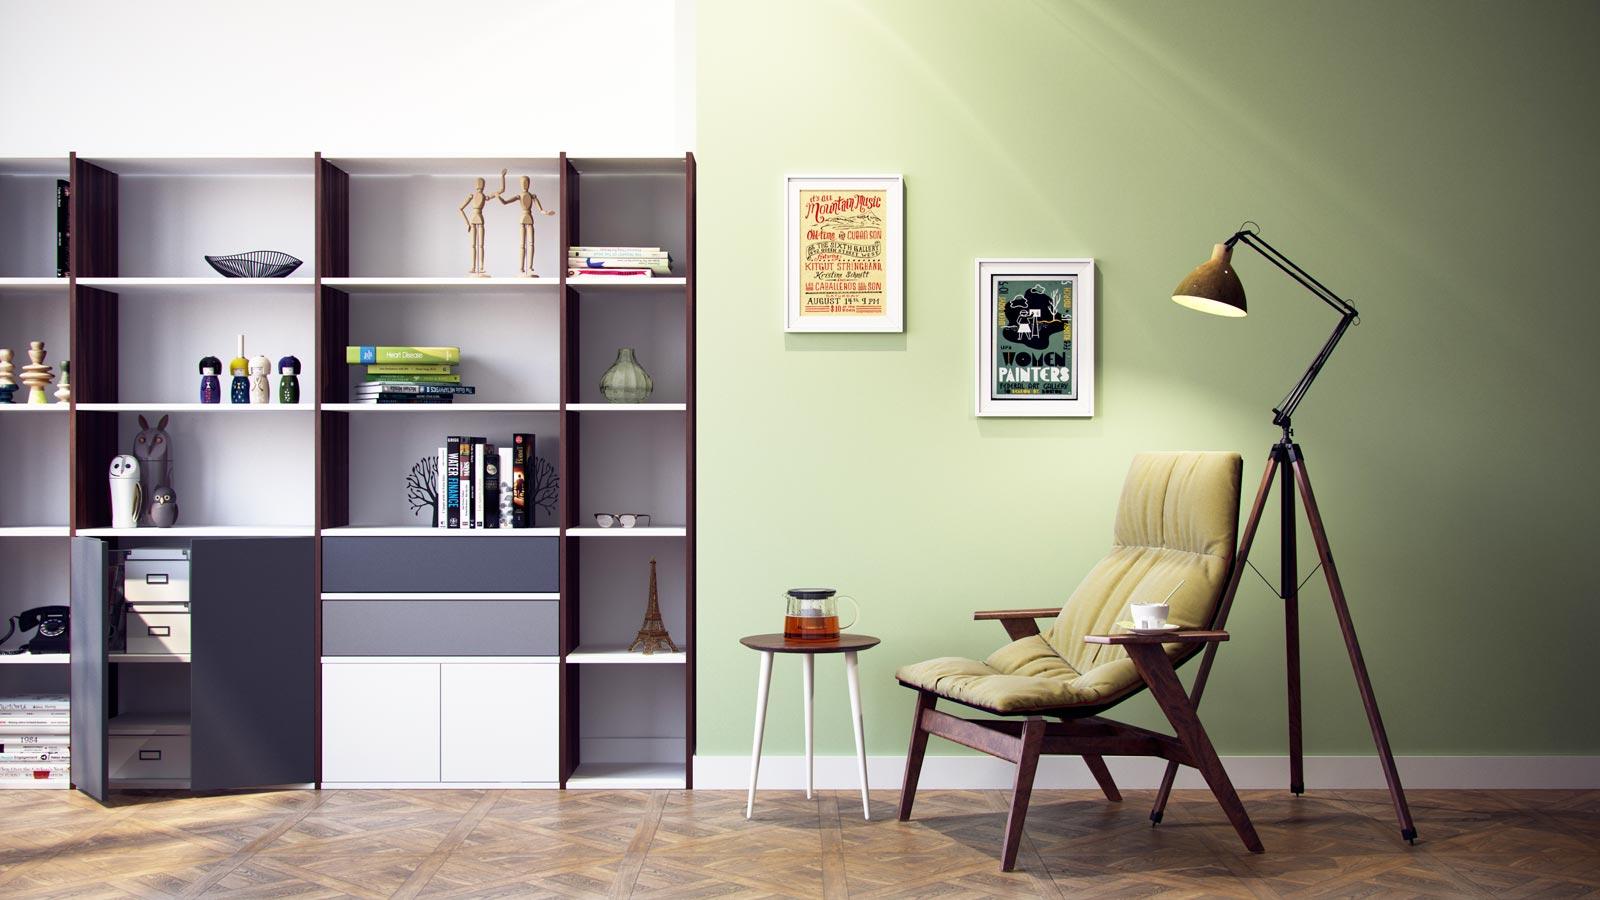 Moderne Wohnwand Selbst Gestalten Regale Bei Mycs